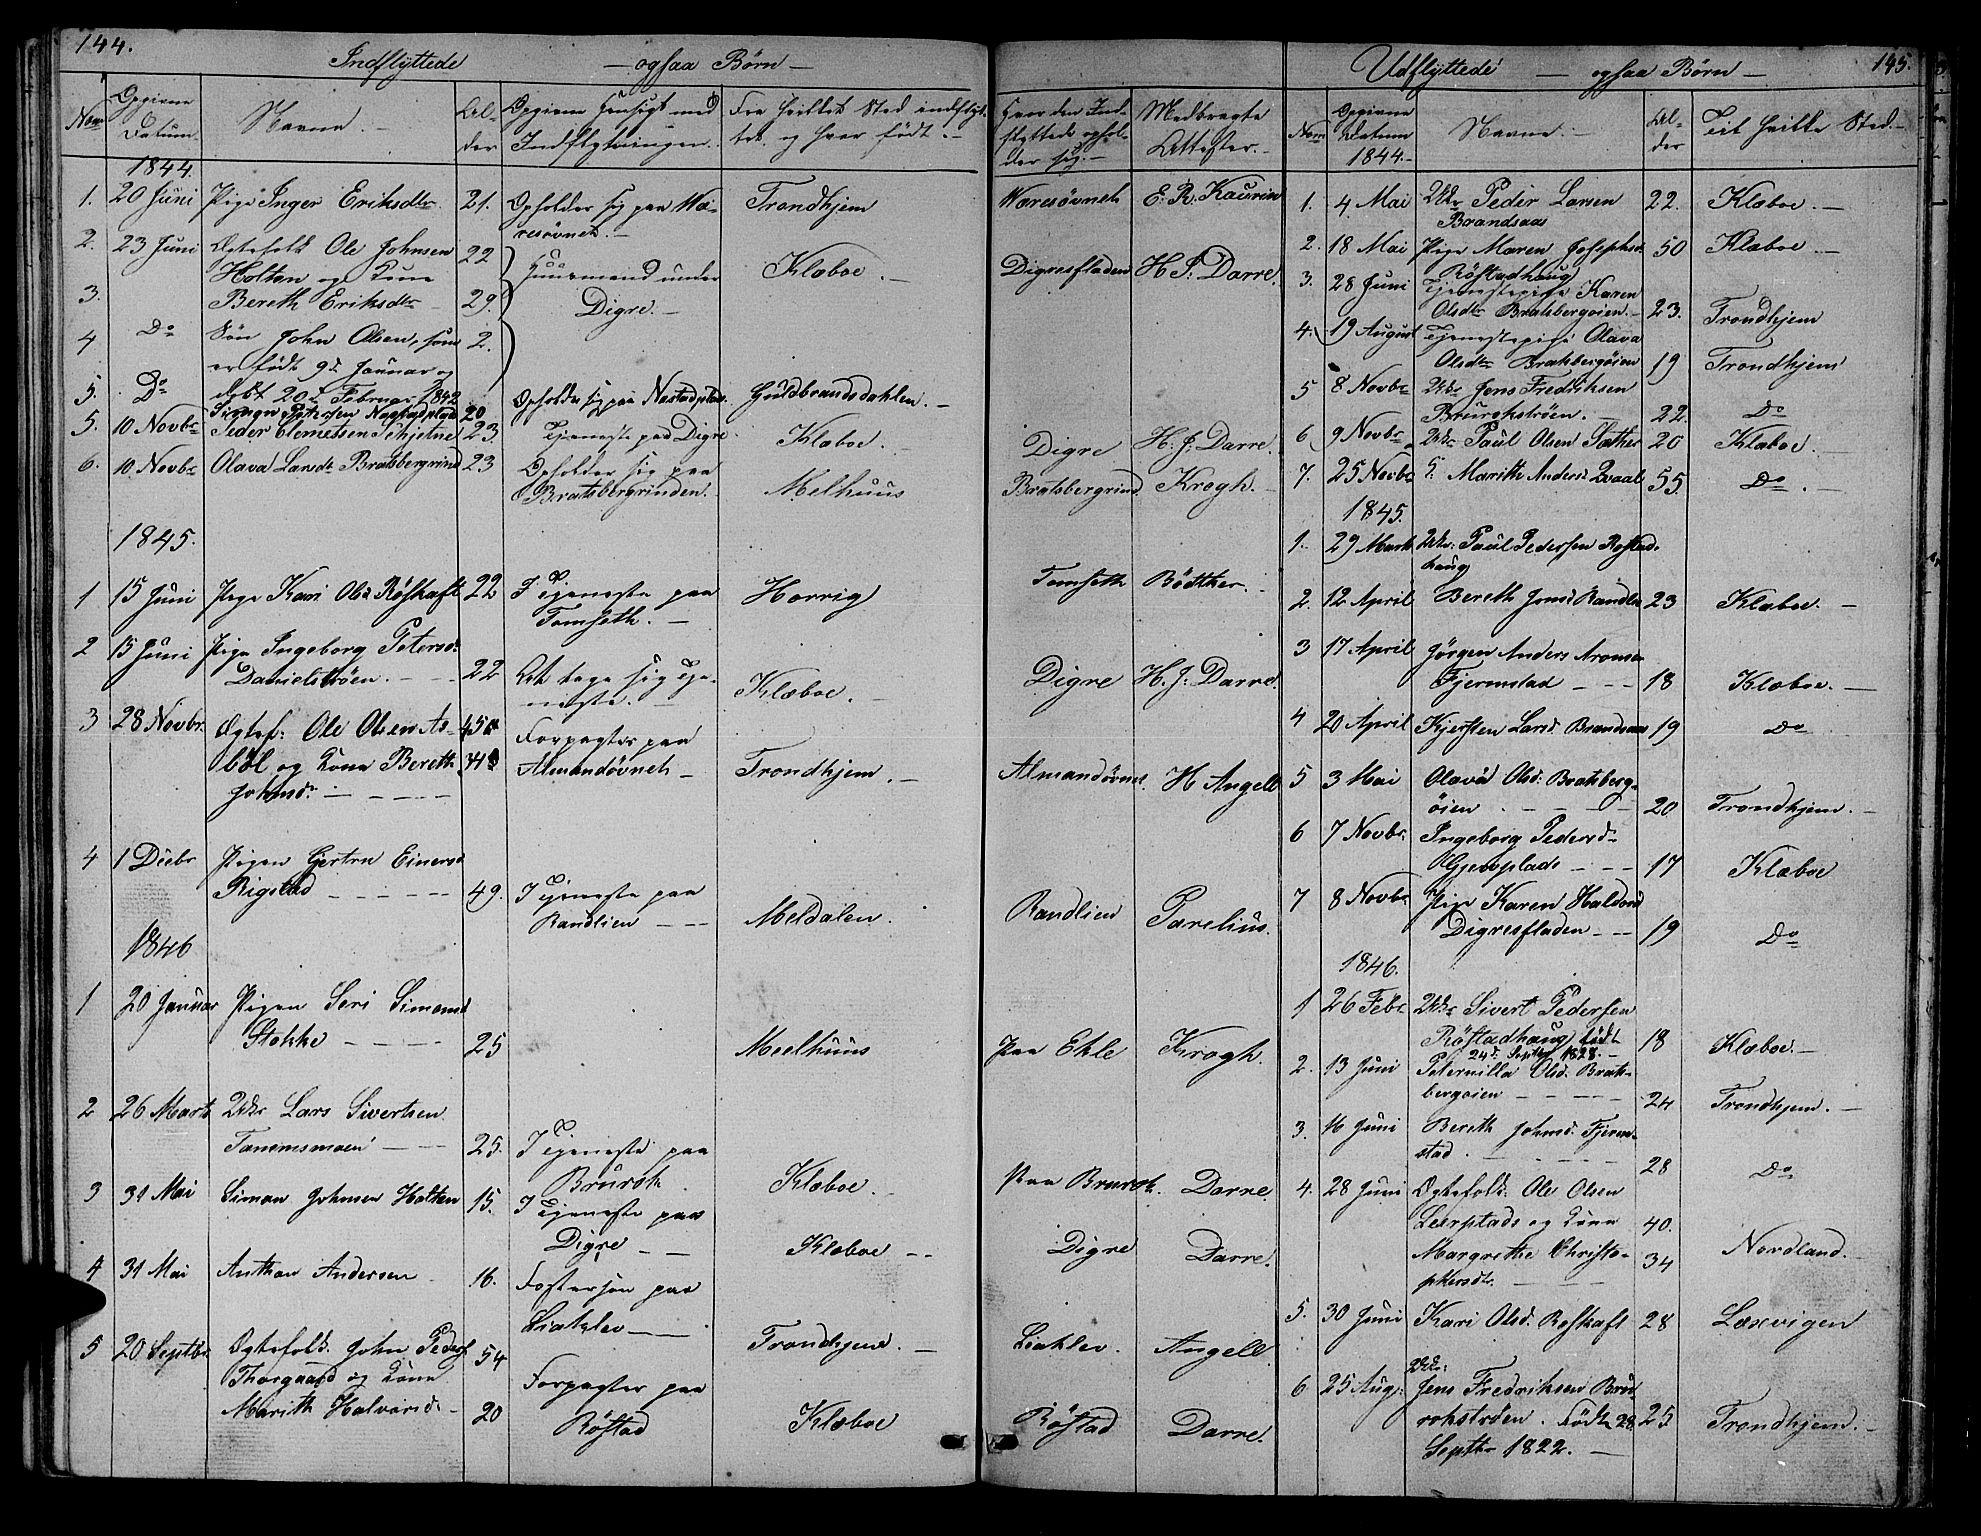 SAT, Ministerialprotokoller, klokkerbøker og fødselsregistre - Sør-Trøndelag, 608/L0339: Klokkerbok nr. 608C05, 1844-1863, s. 144-145